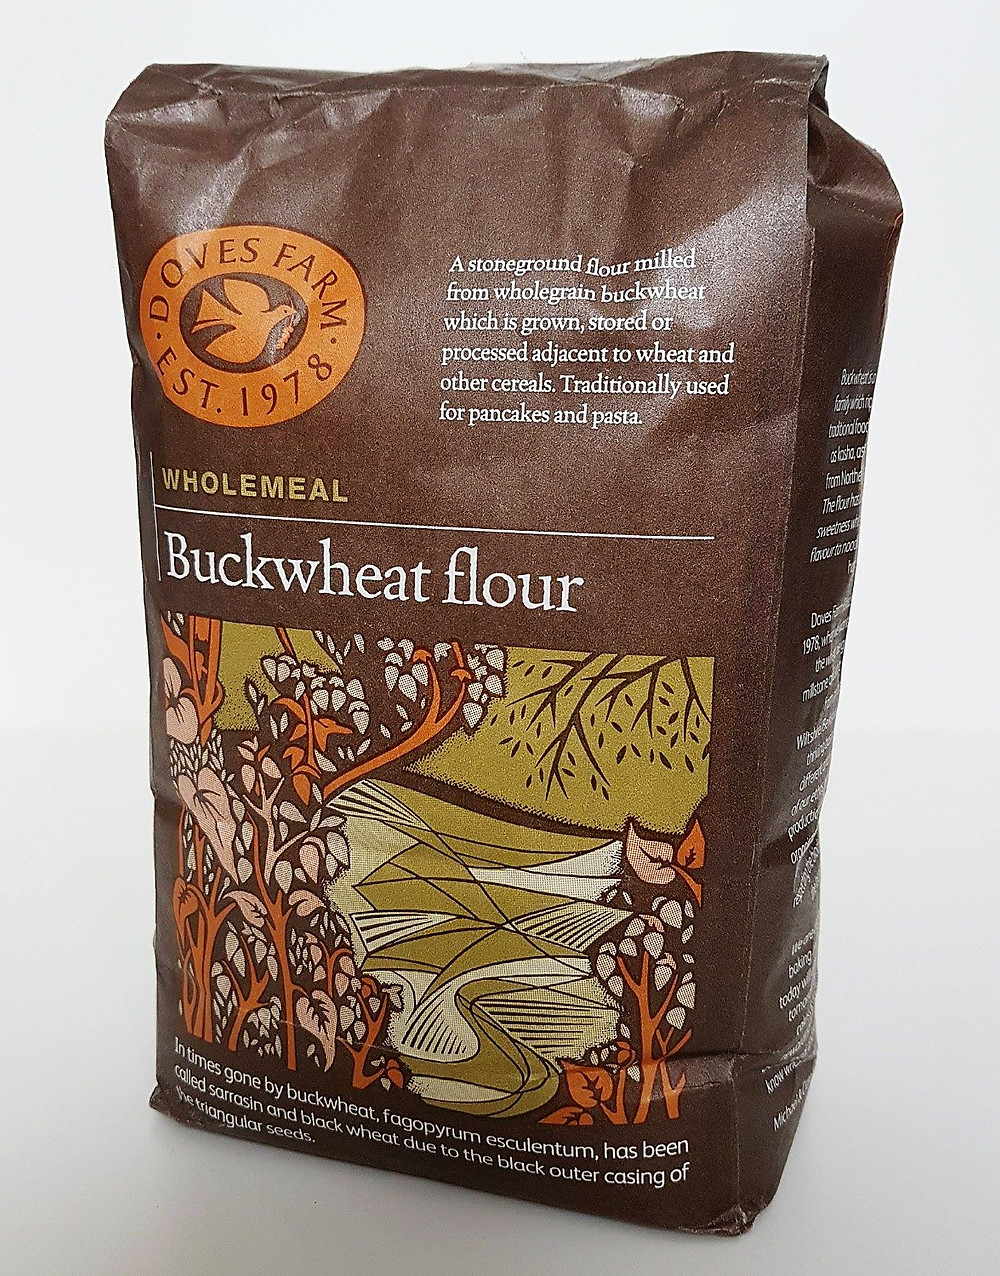 Doves Farm Wholemeal Buckwheat Flour